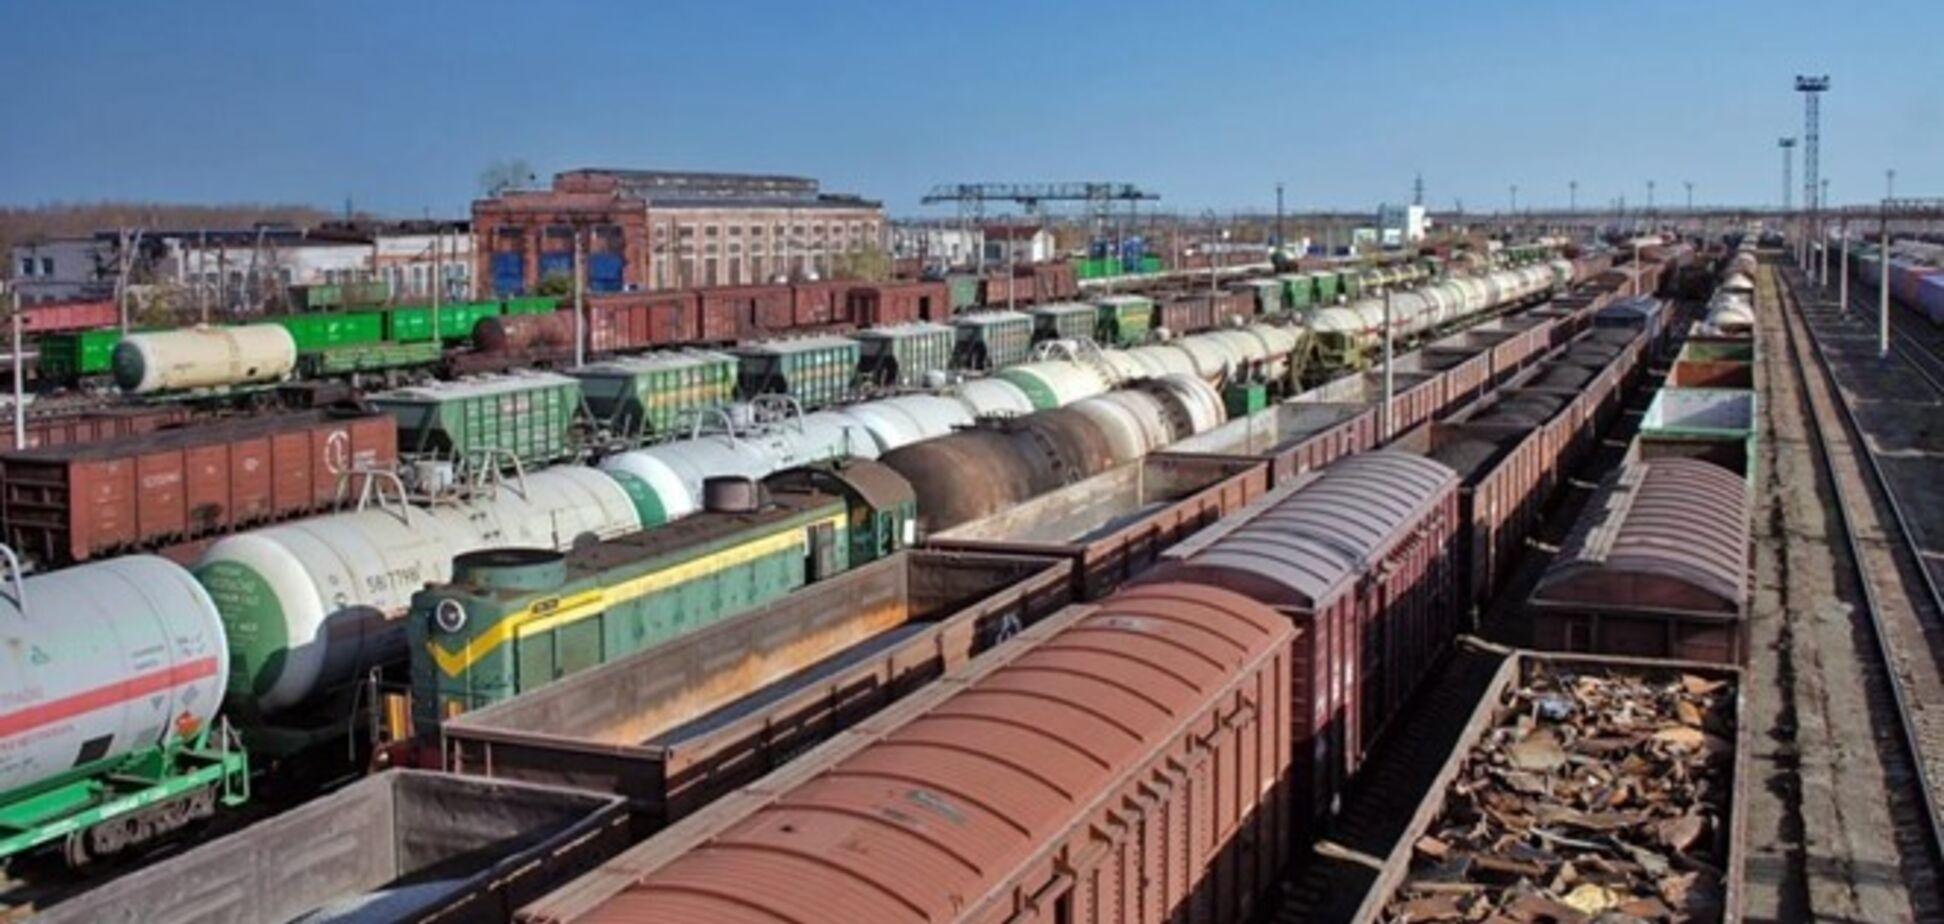 Списання вантажних вагонів за віком стане катастрофою для української економіки, – Гусак